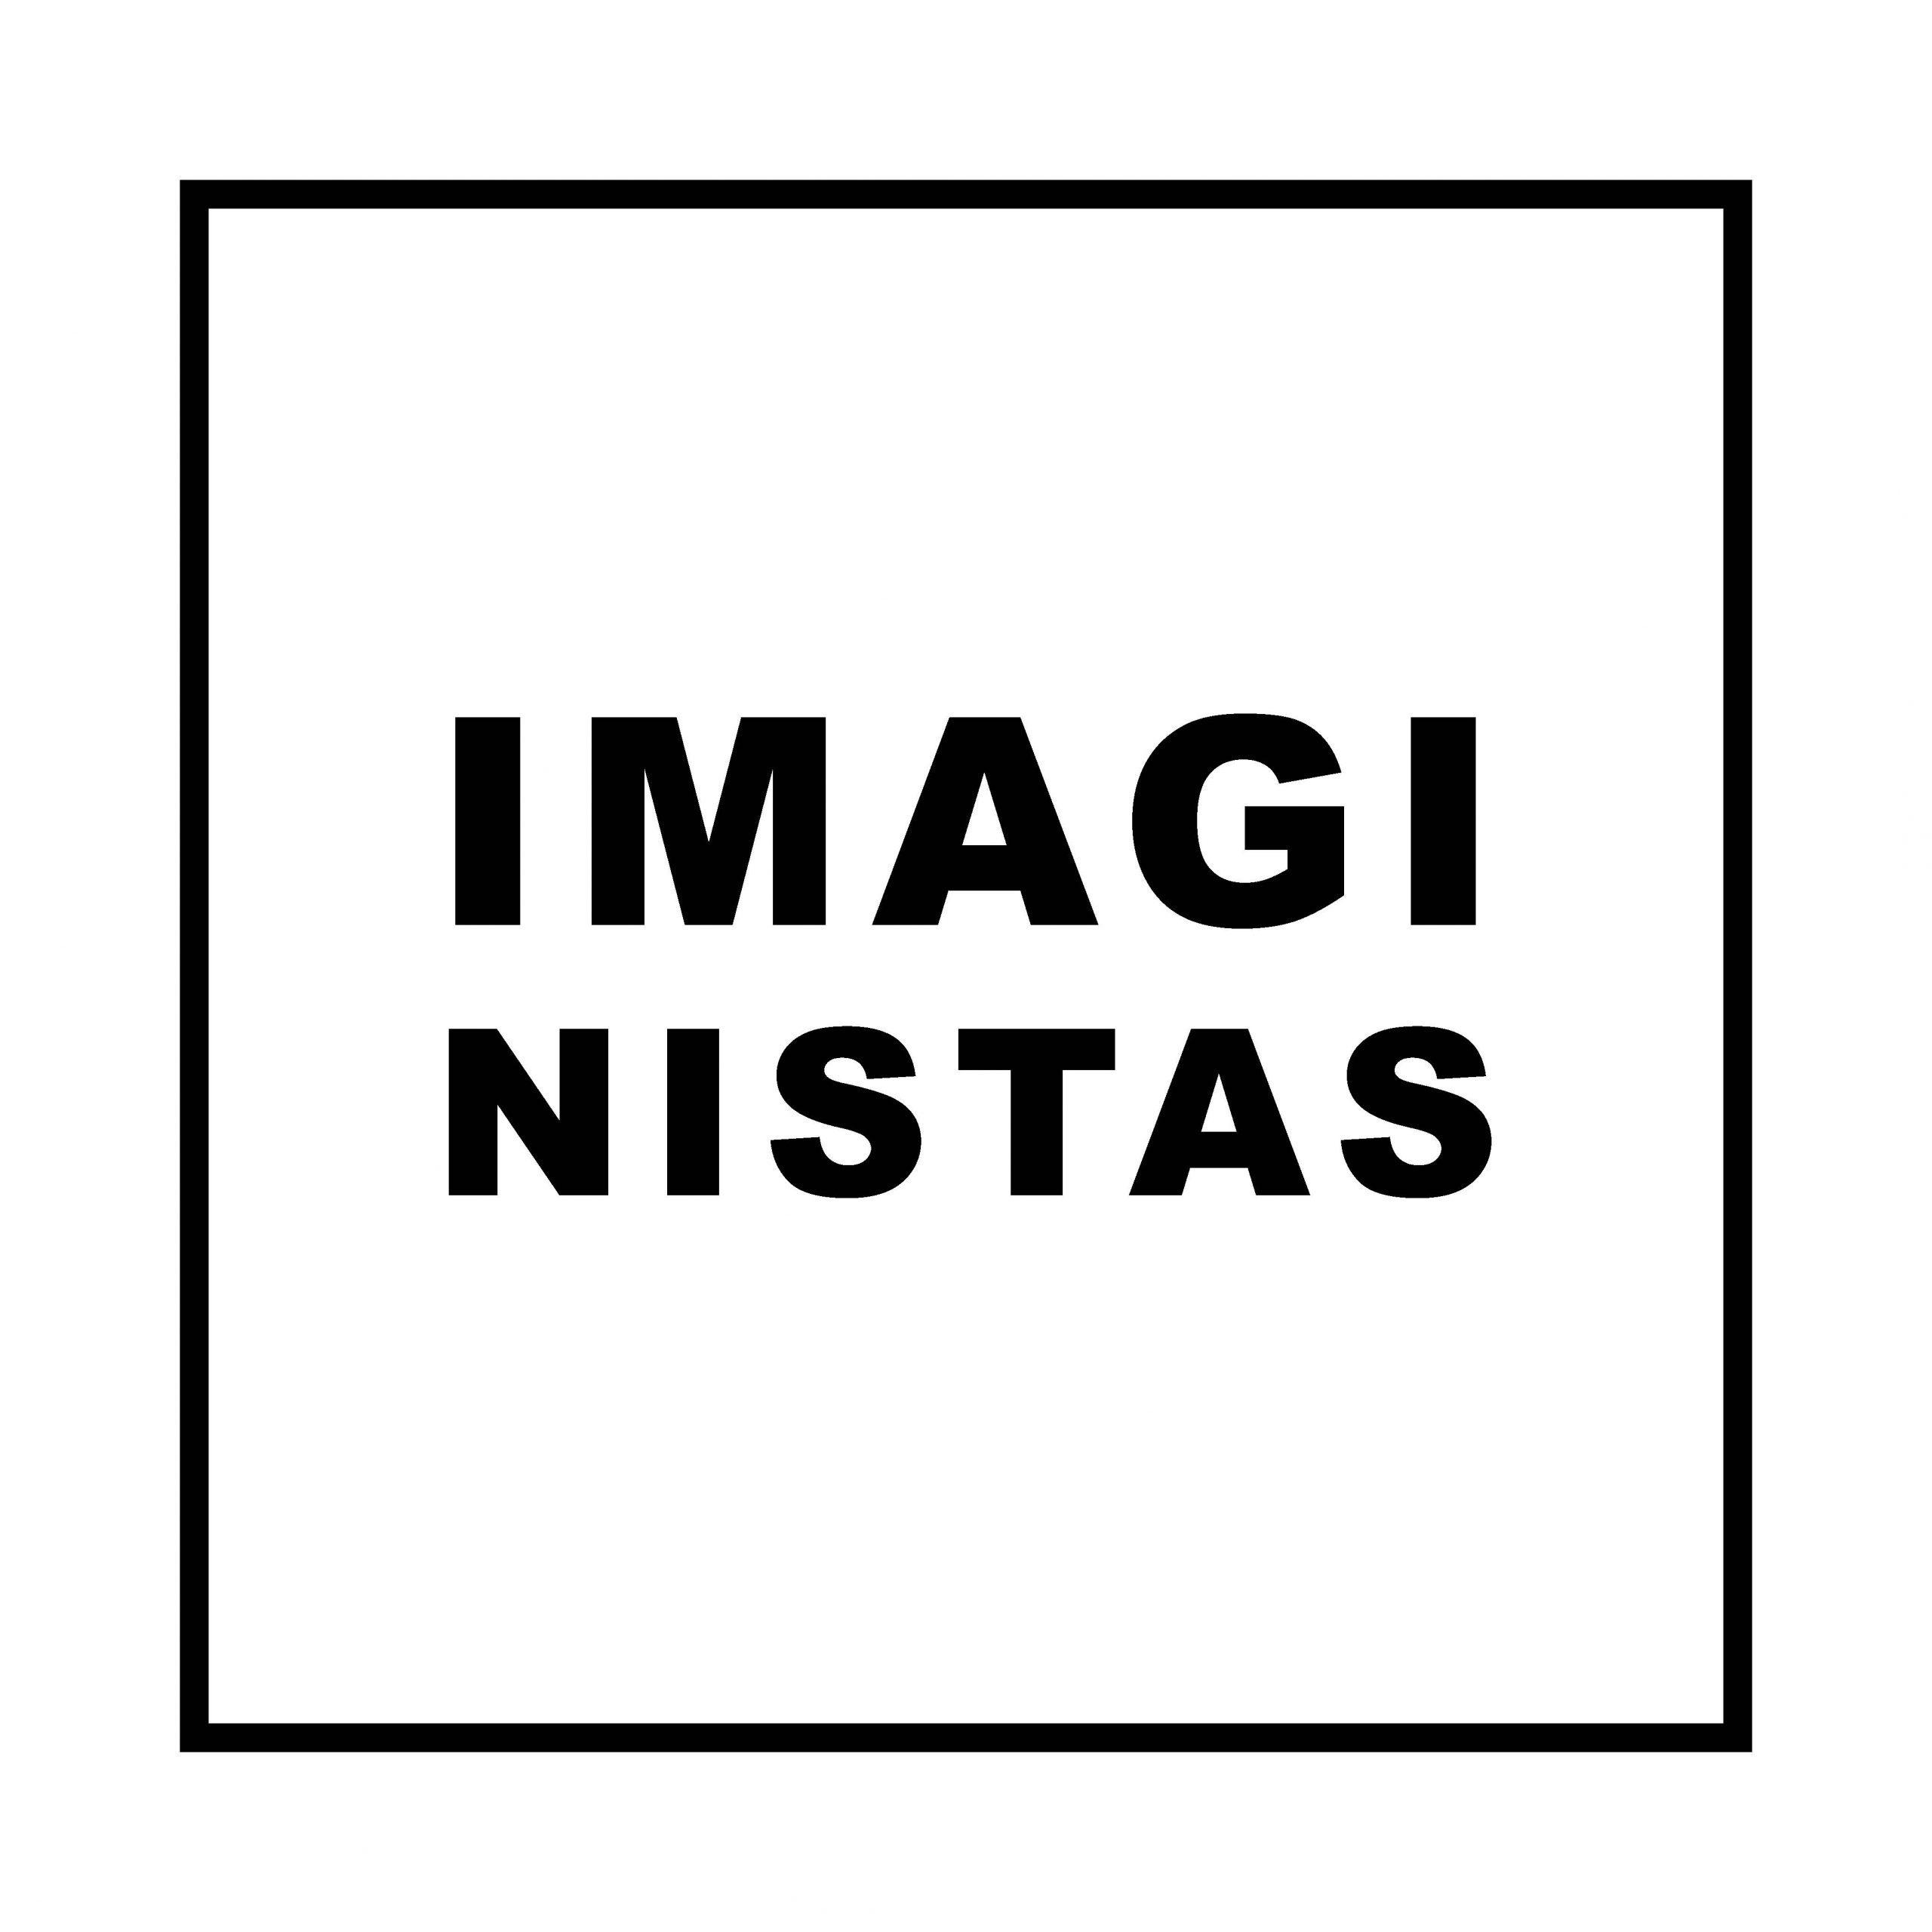 IMAGINISTAS